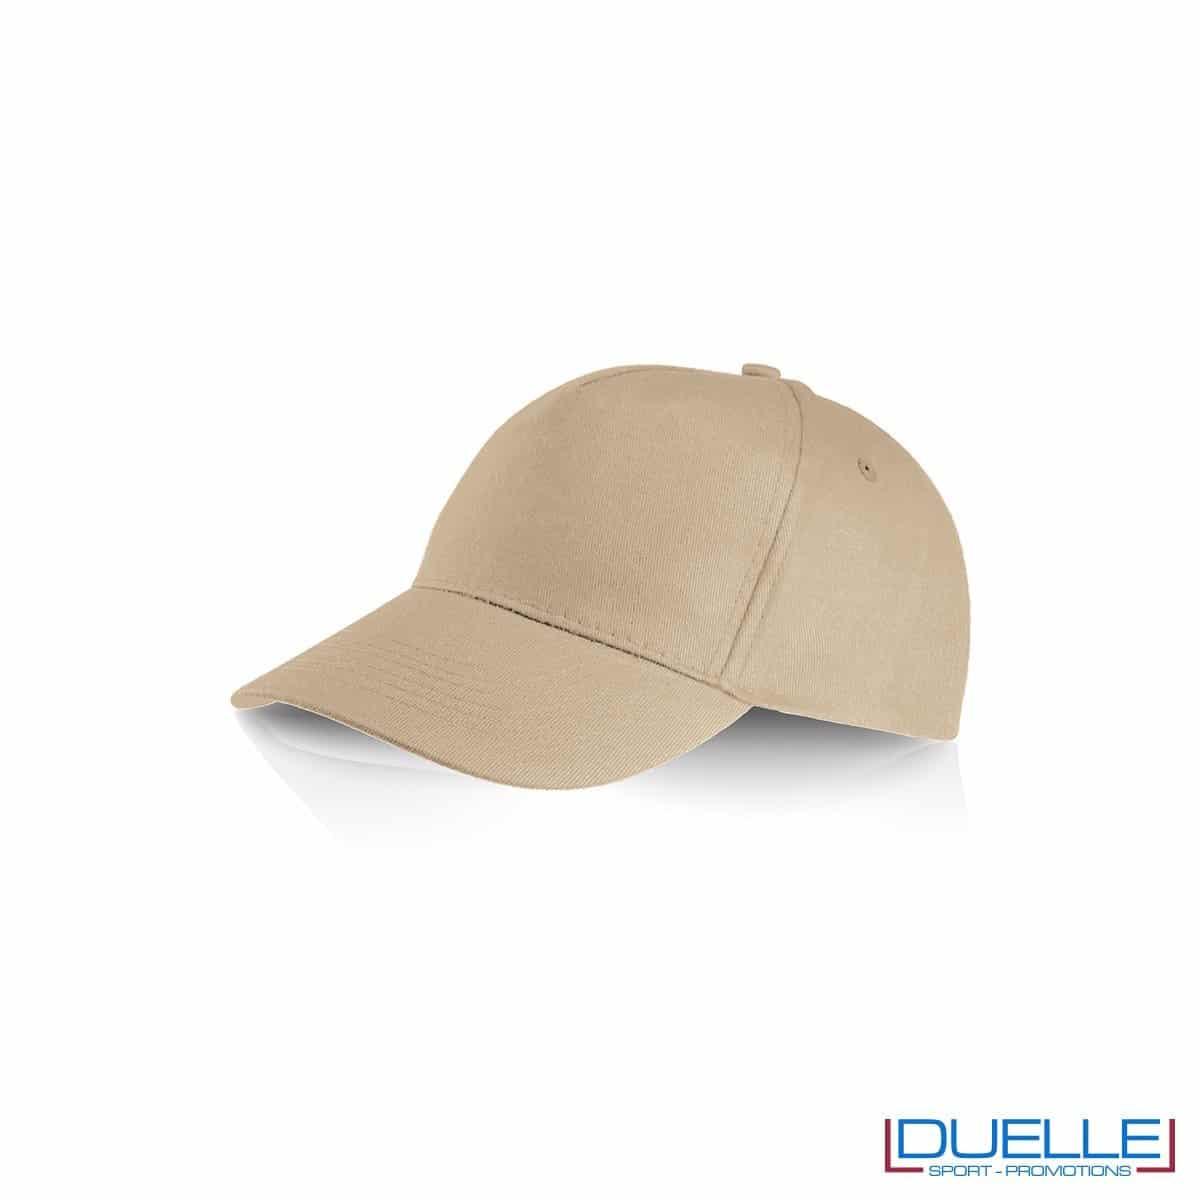 Cappellino personalizzato cotone rosa, cappellini promozionali baseball, cappellini baseball personalizzati beige